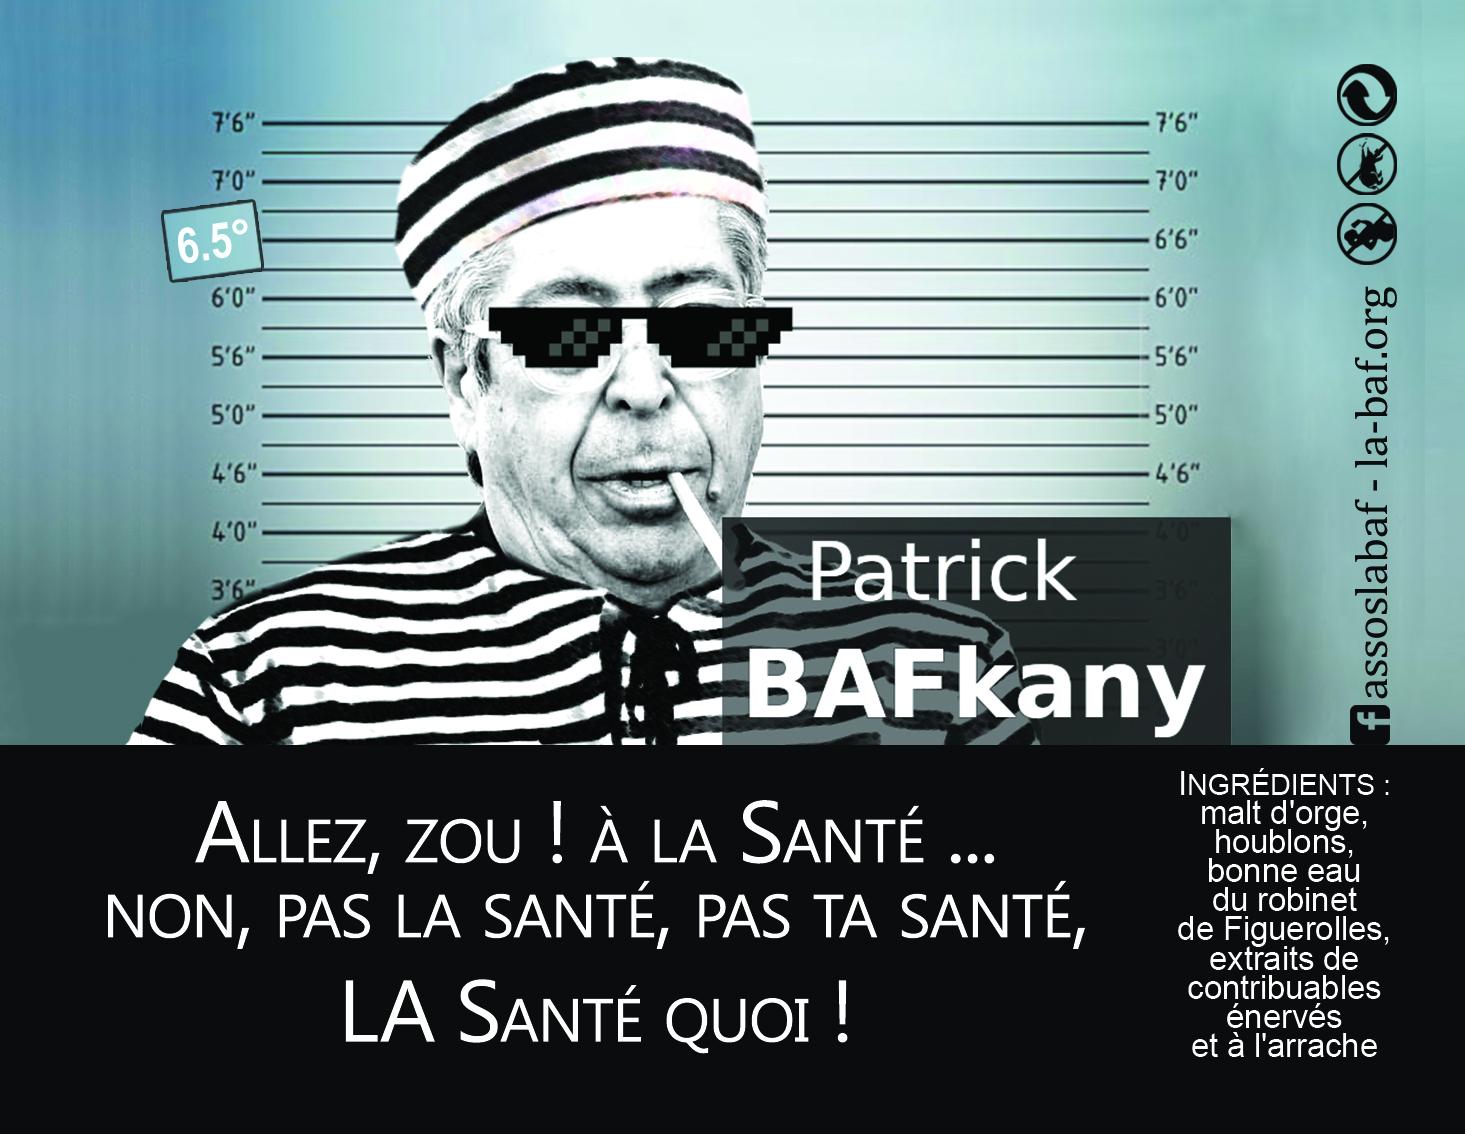 Bafkany